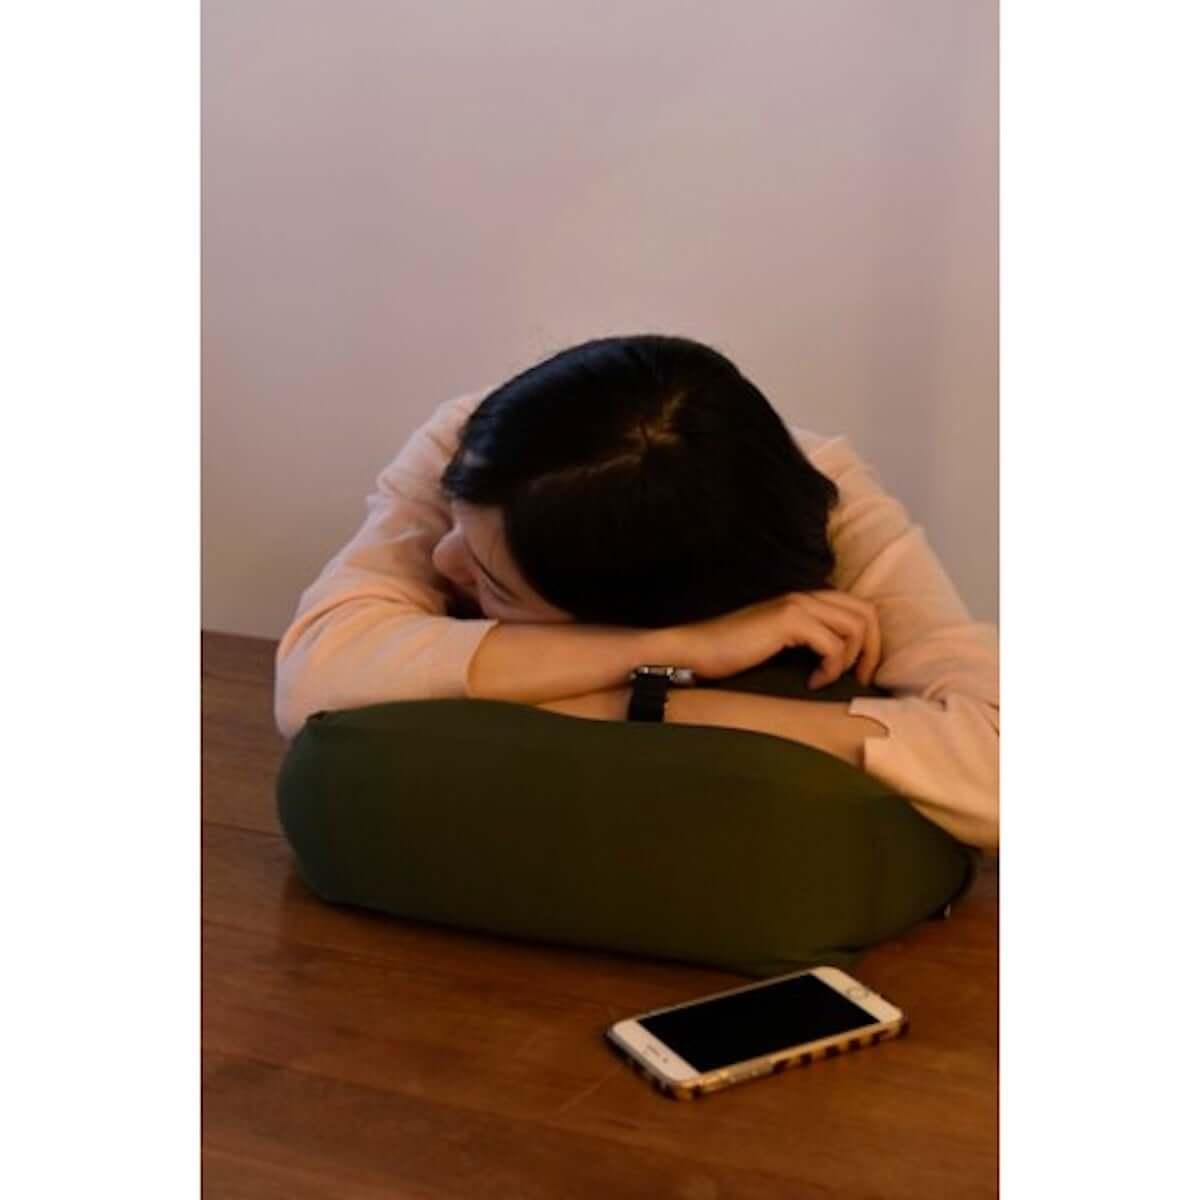 【ズボラ発明】ベッドやソファで活躍する万能携帯クッションテーブルがヴィレヴァンオンラインに登場! life-fashion19018-vvstore-4-1200x1200